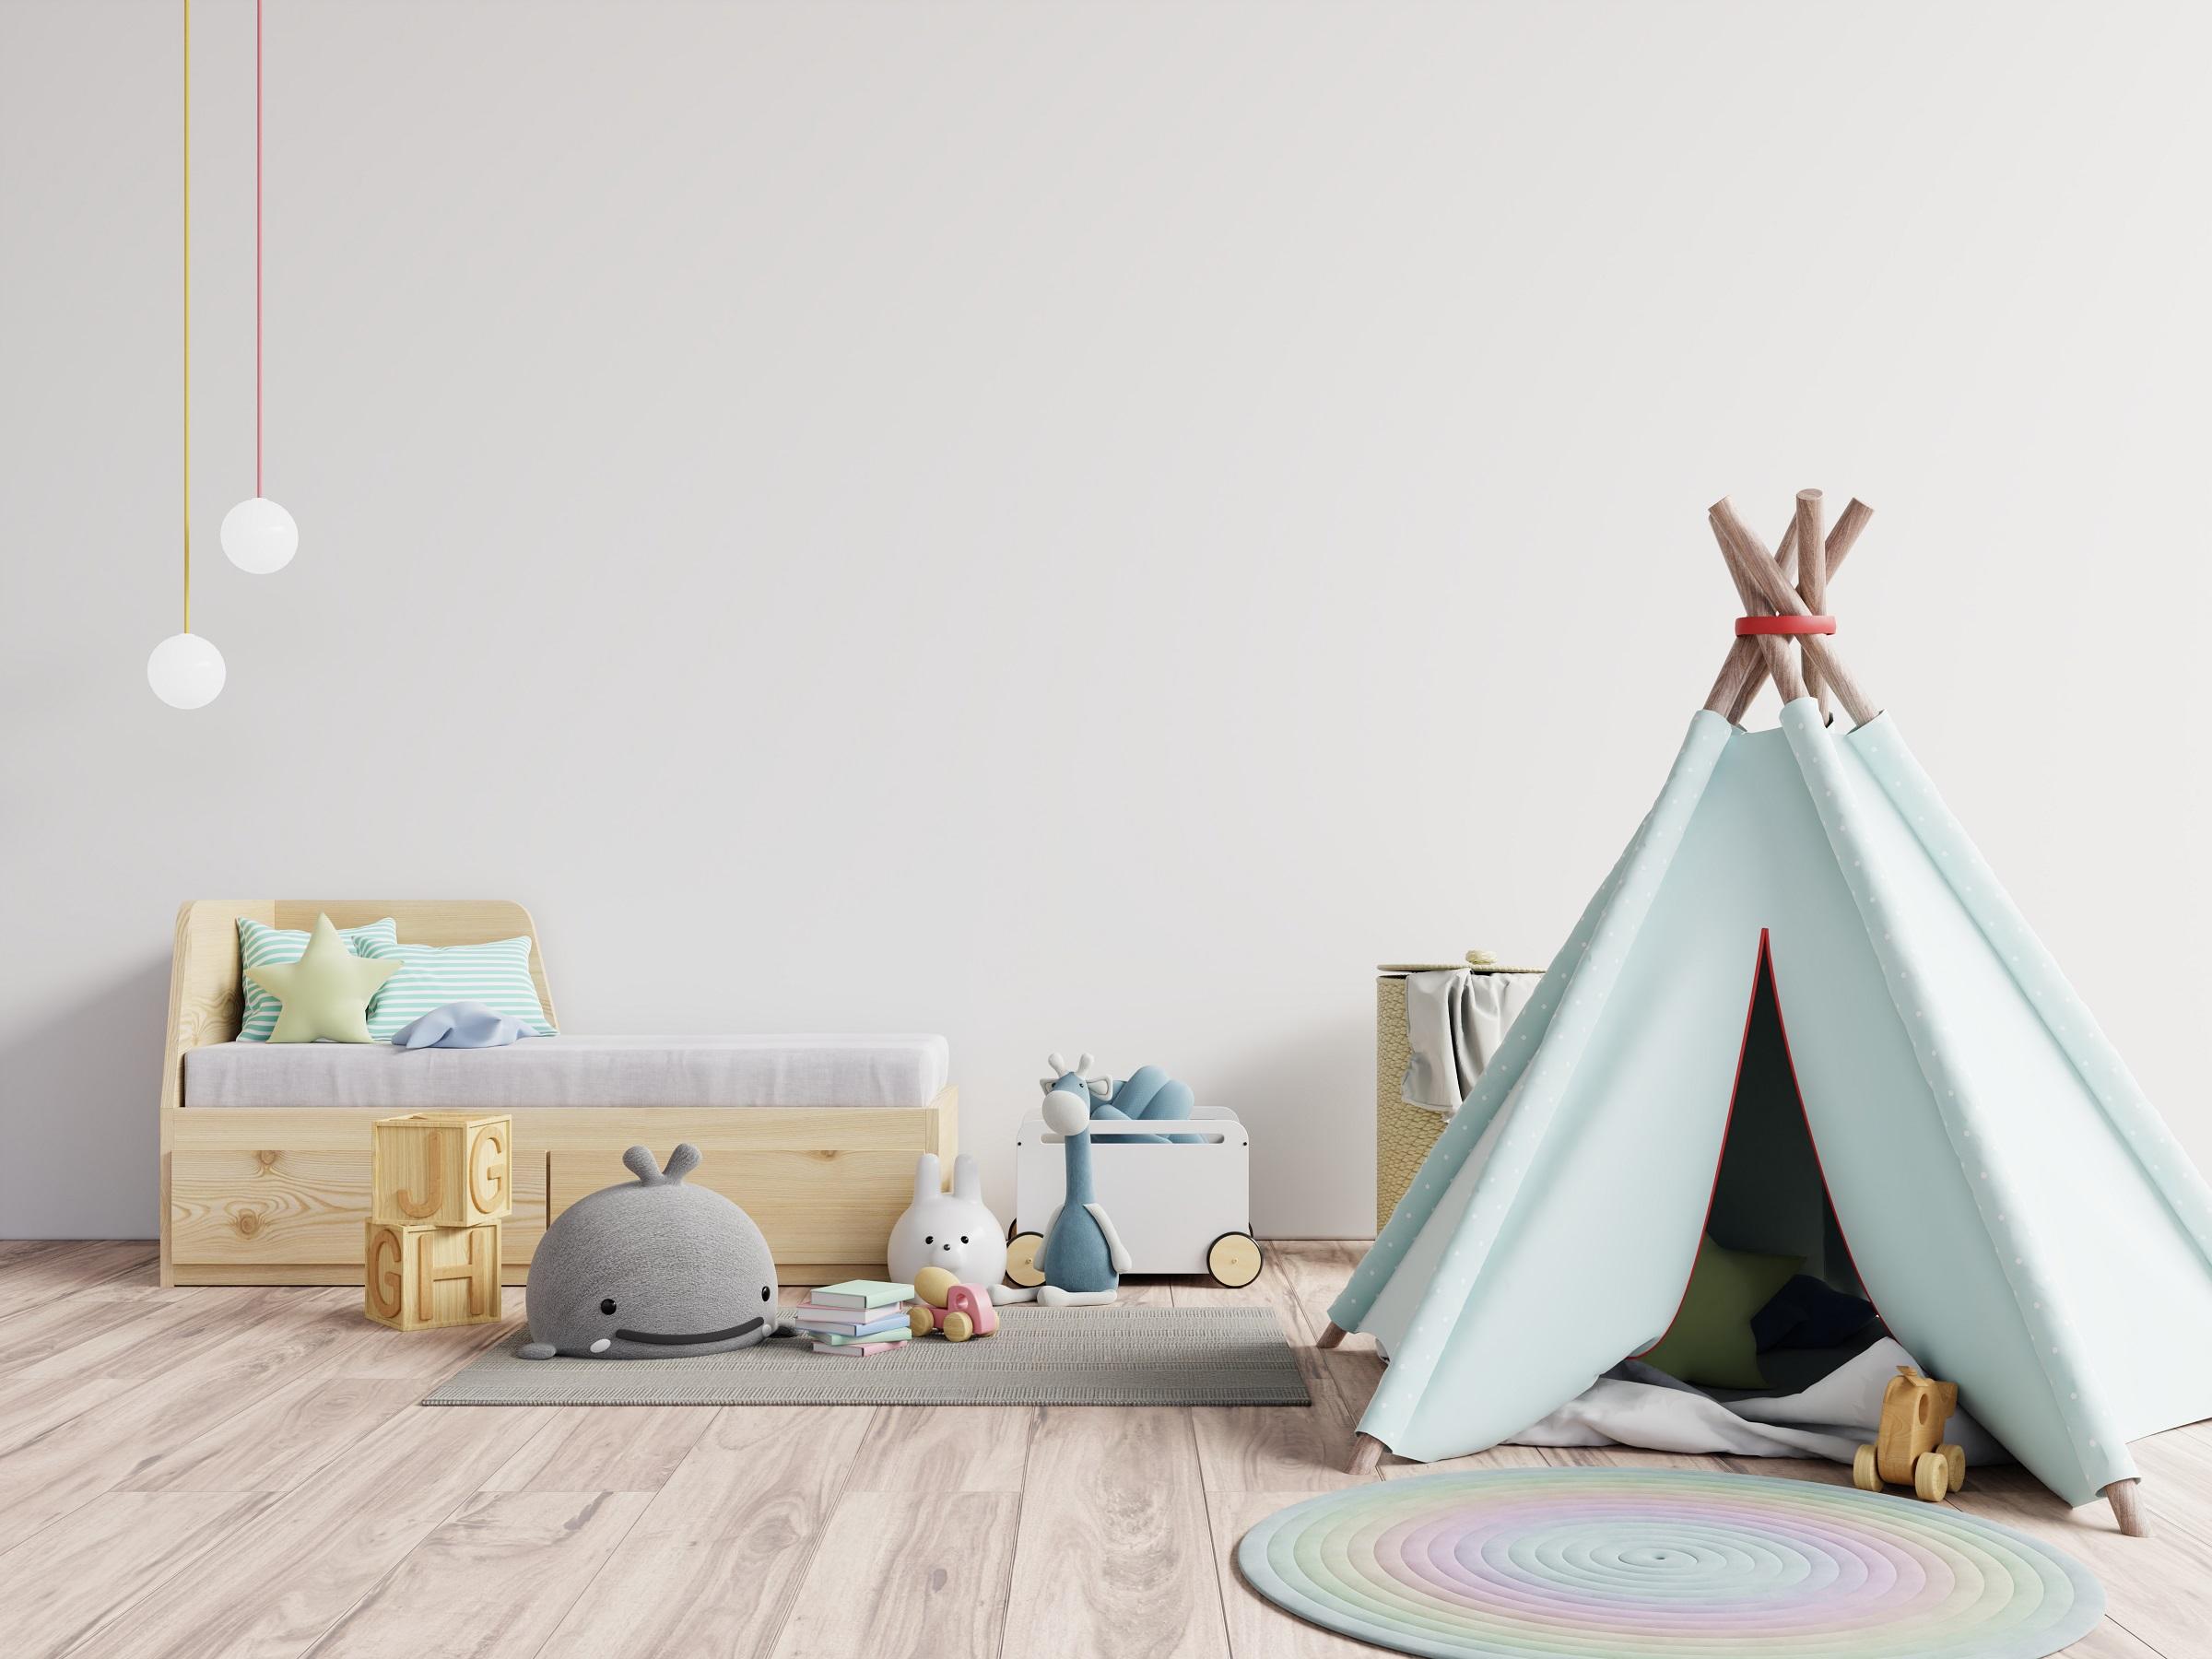 Arredamento camera per bambini: colori, decorazioni e design tematico